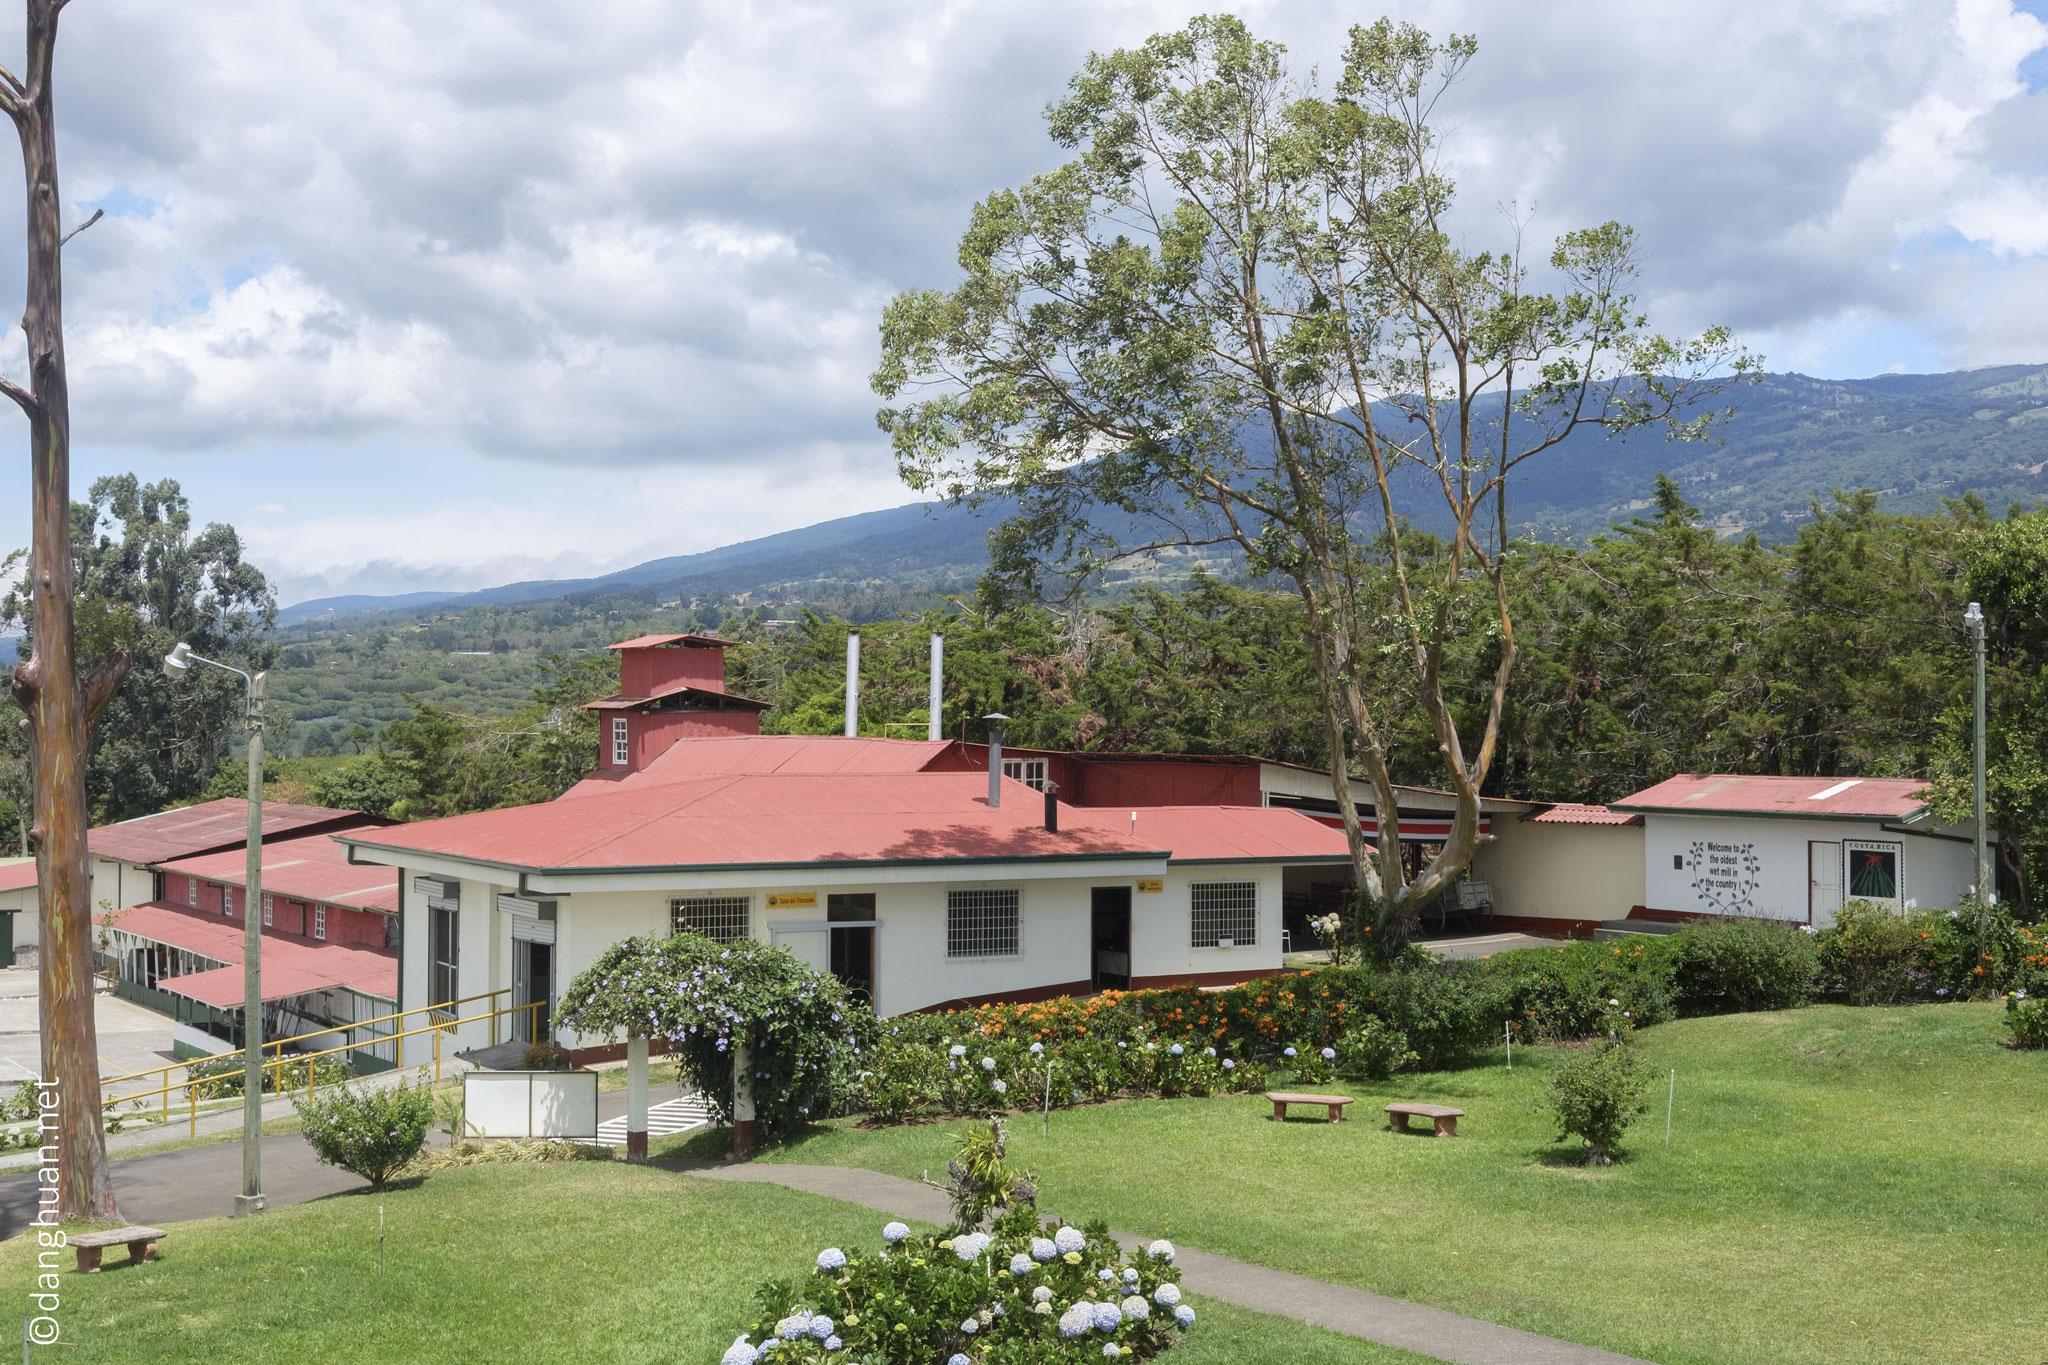 Plantation de café 'Doka Estate' dans la région d'Alujuel